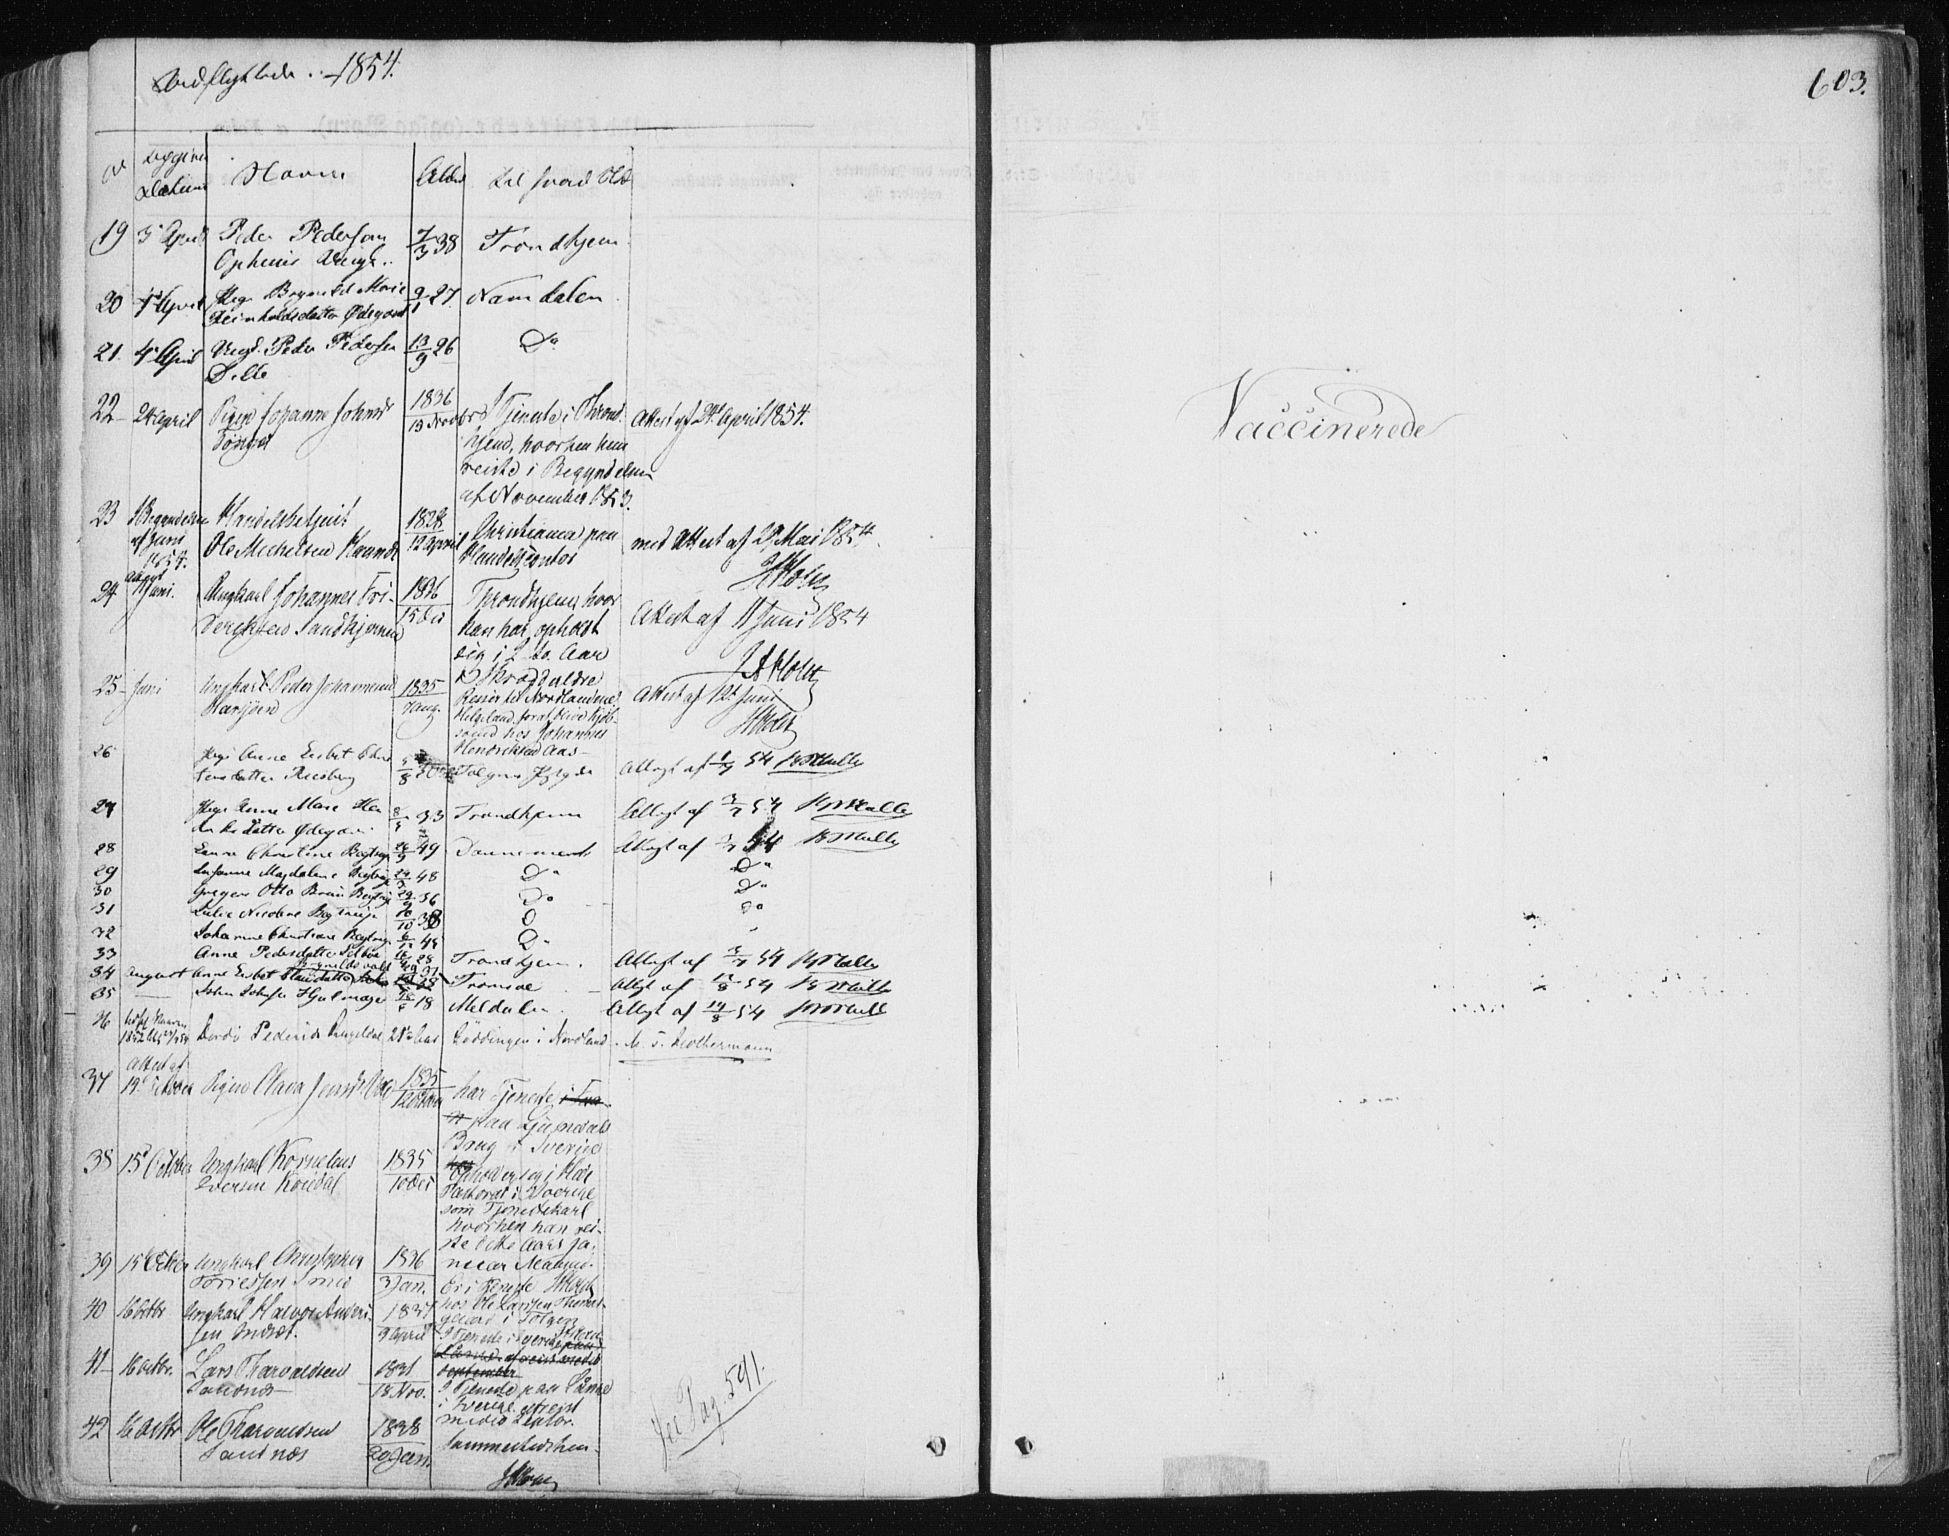 SAT, Ministerialprotokoller, klokkerbøker og fødselsregistre - Sør-Trøndelag, 681/L0931: Ministerialbok nr. 681A09, 1845-1859, s. 603